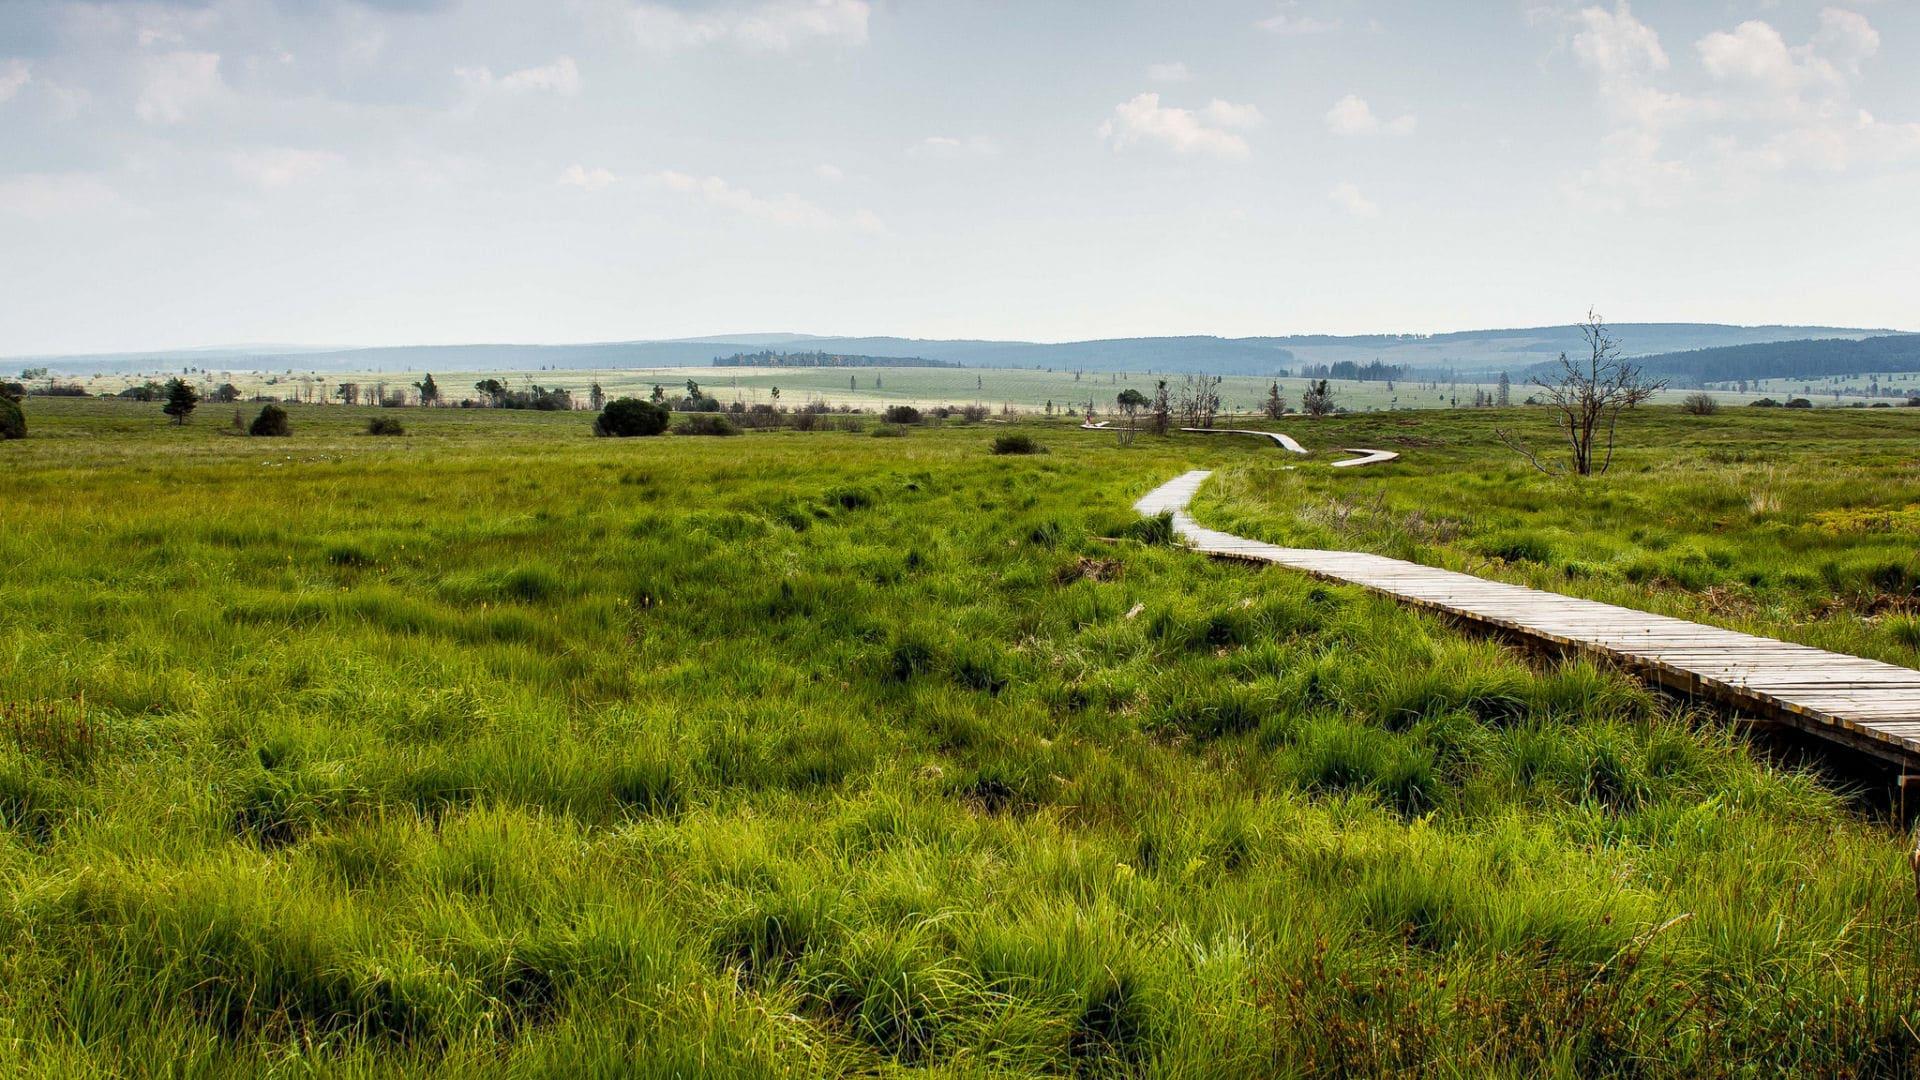 Wandeling Naar Baraque Michel Op De Hoge Venen Ardennen Nl Vakanties Informatie